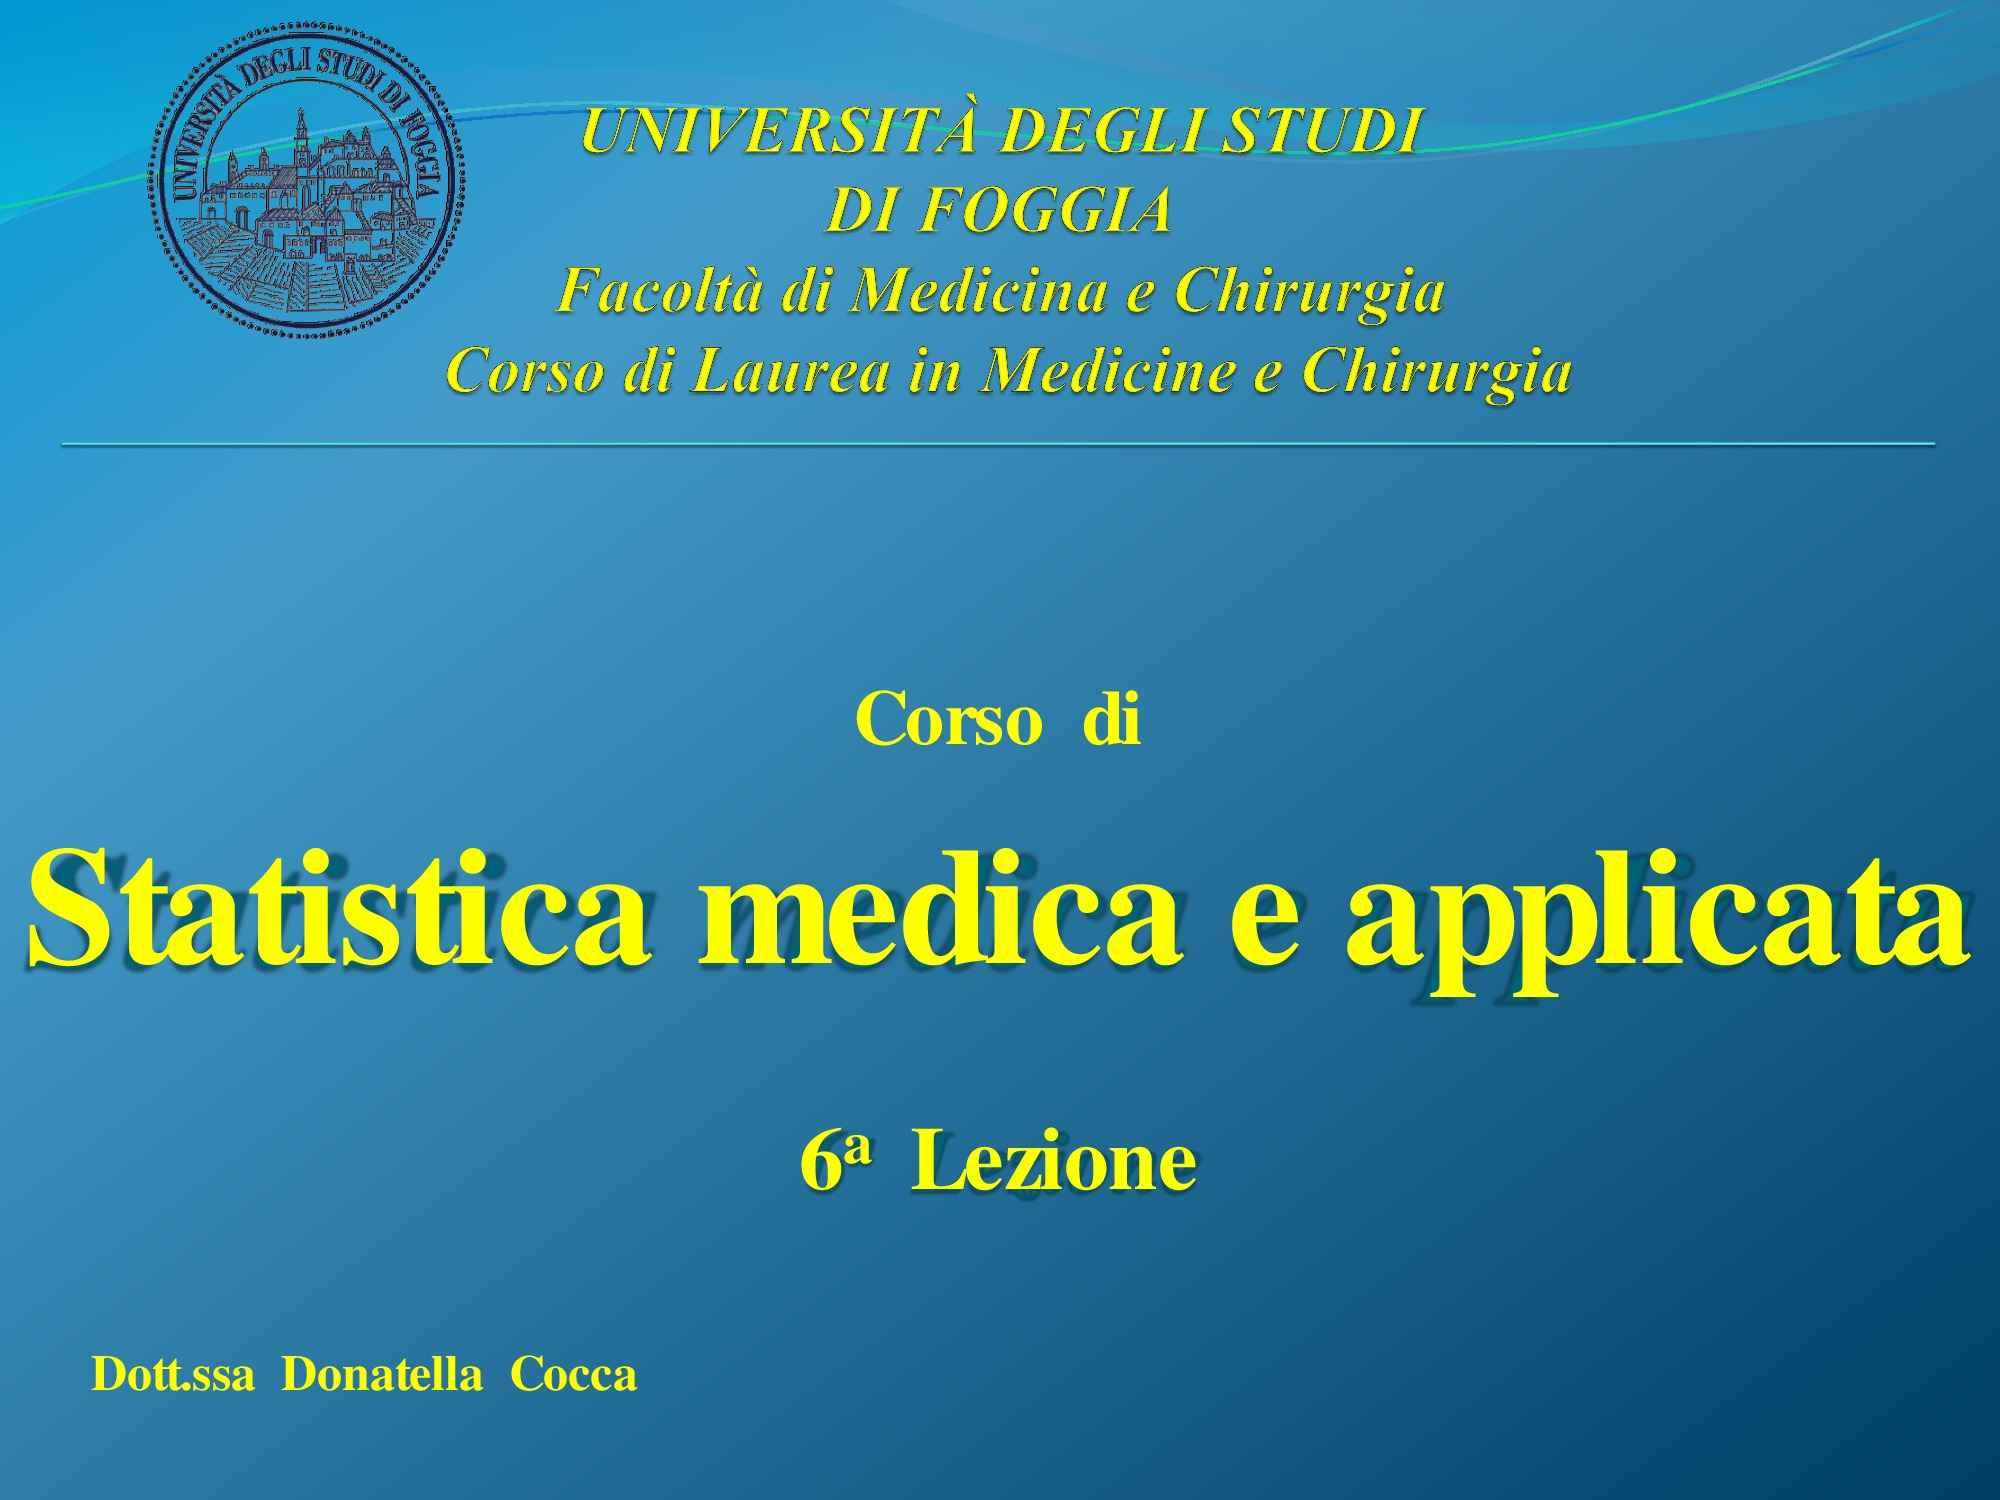 Statistica medica - statistica inferenziale - Dispensa